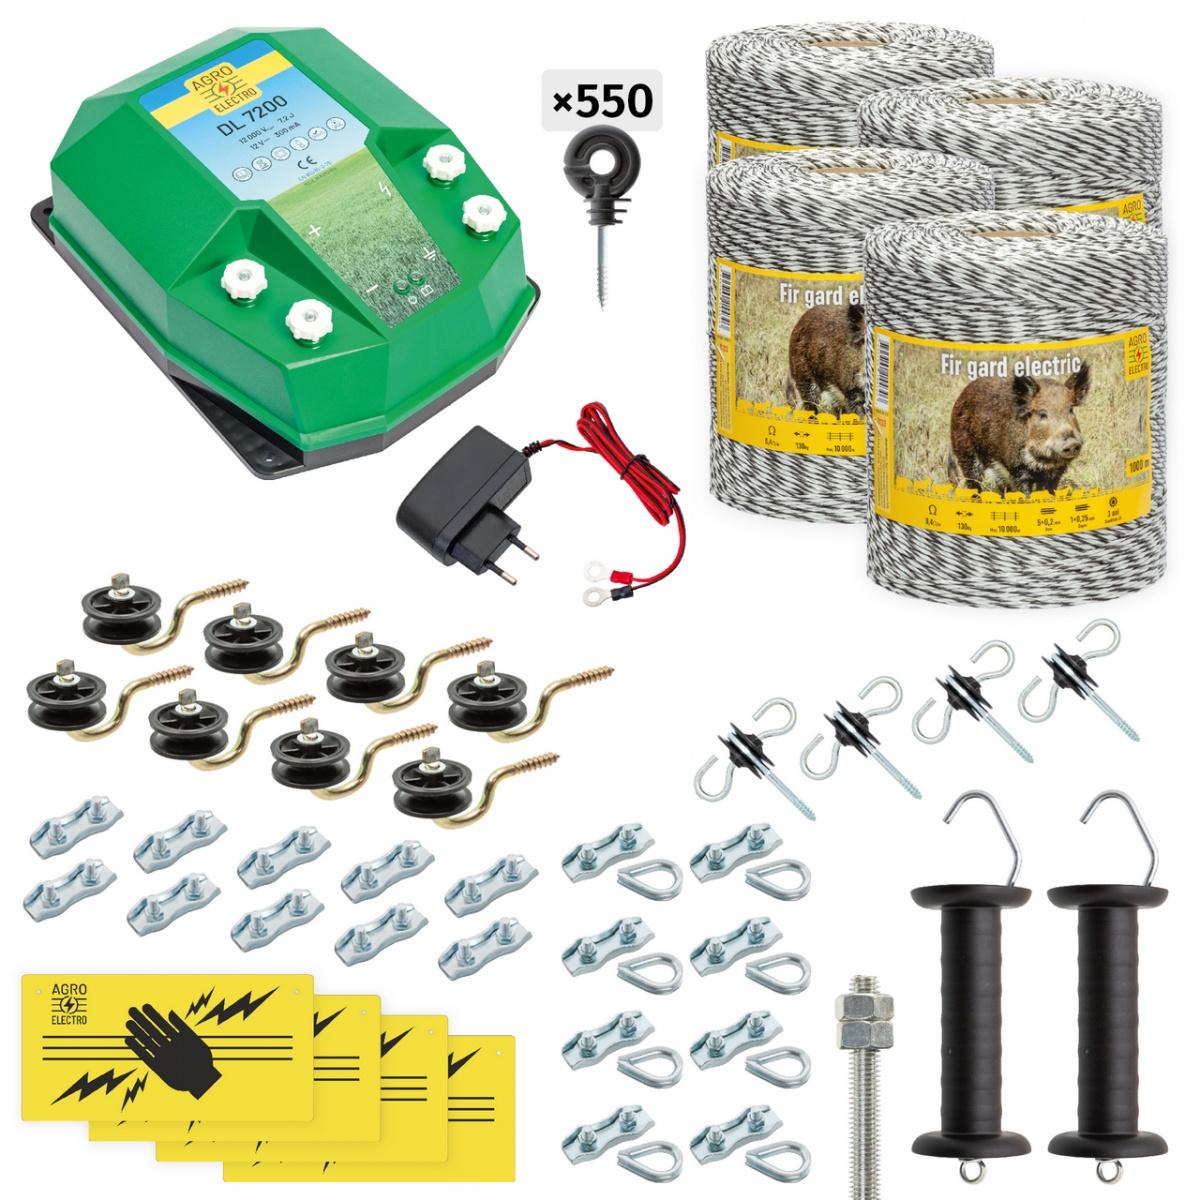 Pachet gard electric complet 4000m, 7,2Joule, 230V, pentru animale sălbatice